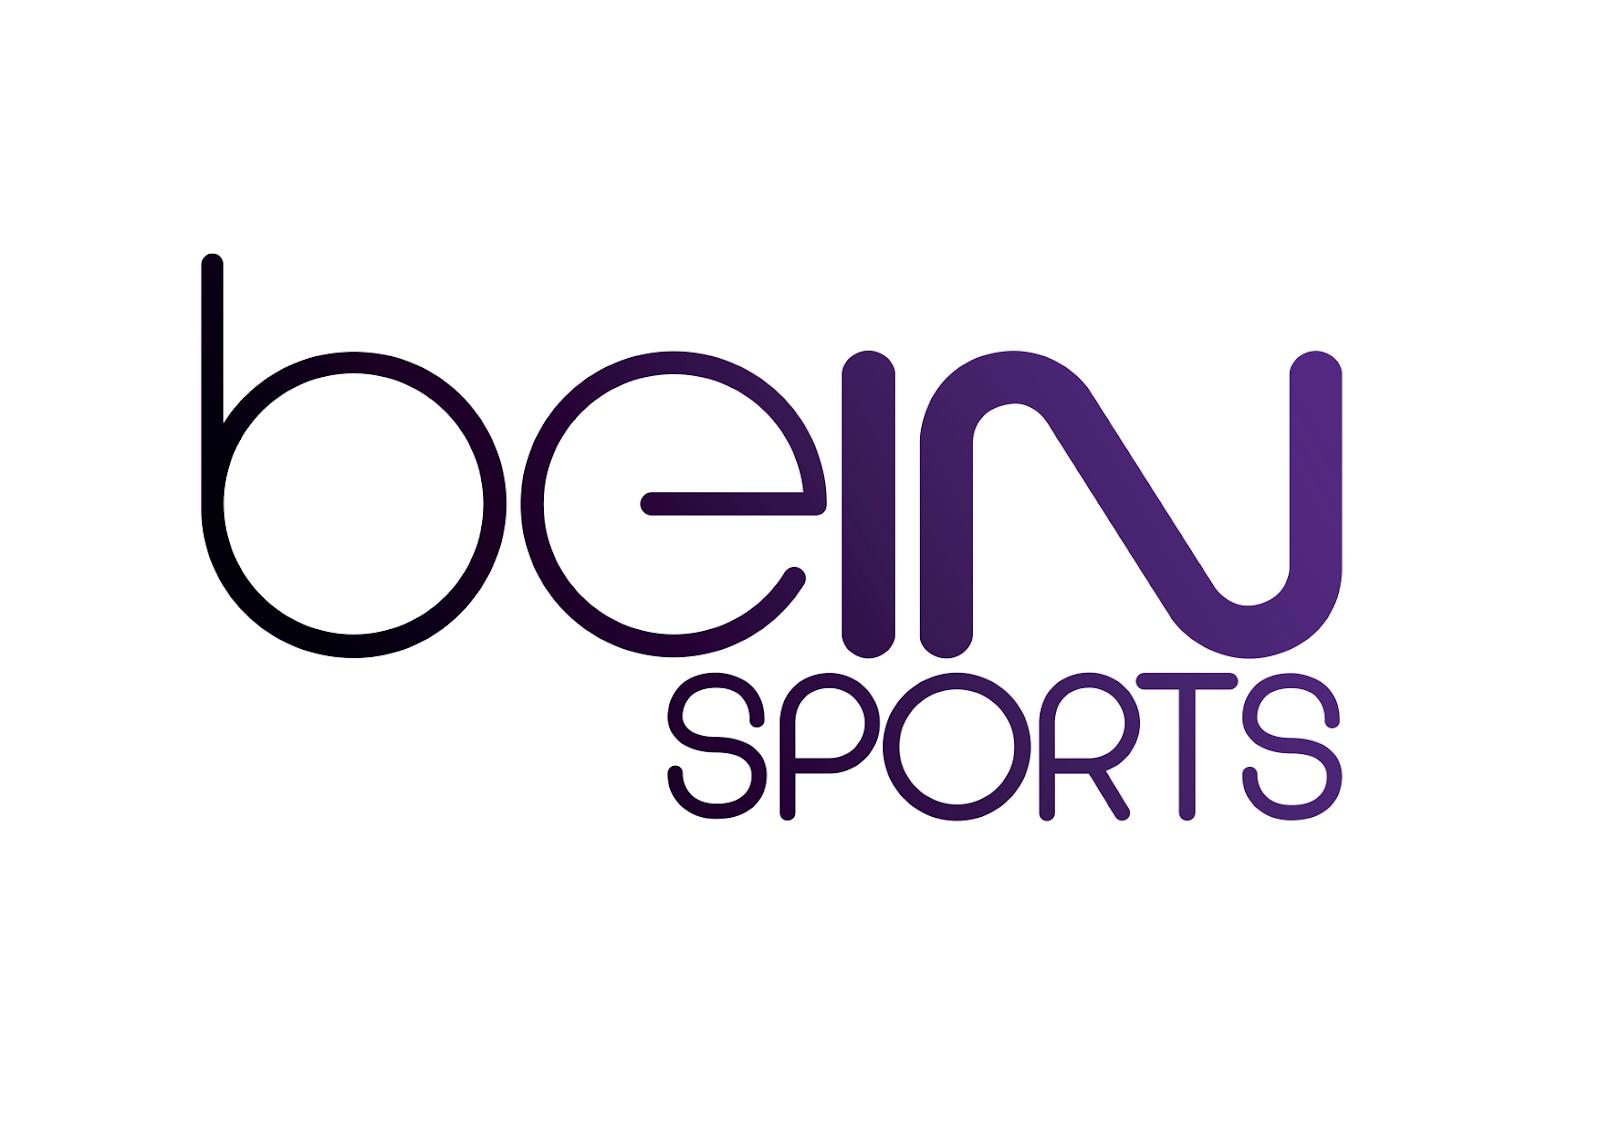 تردد قناة بي ان سبورت المفتوحة bein sports HD الجديد 2020 على القمر الصناعي النايل سات